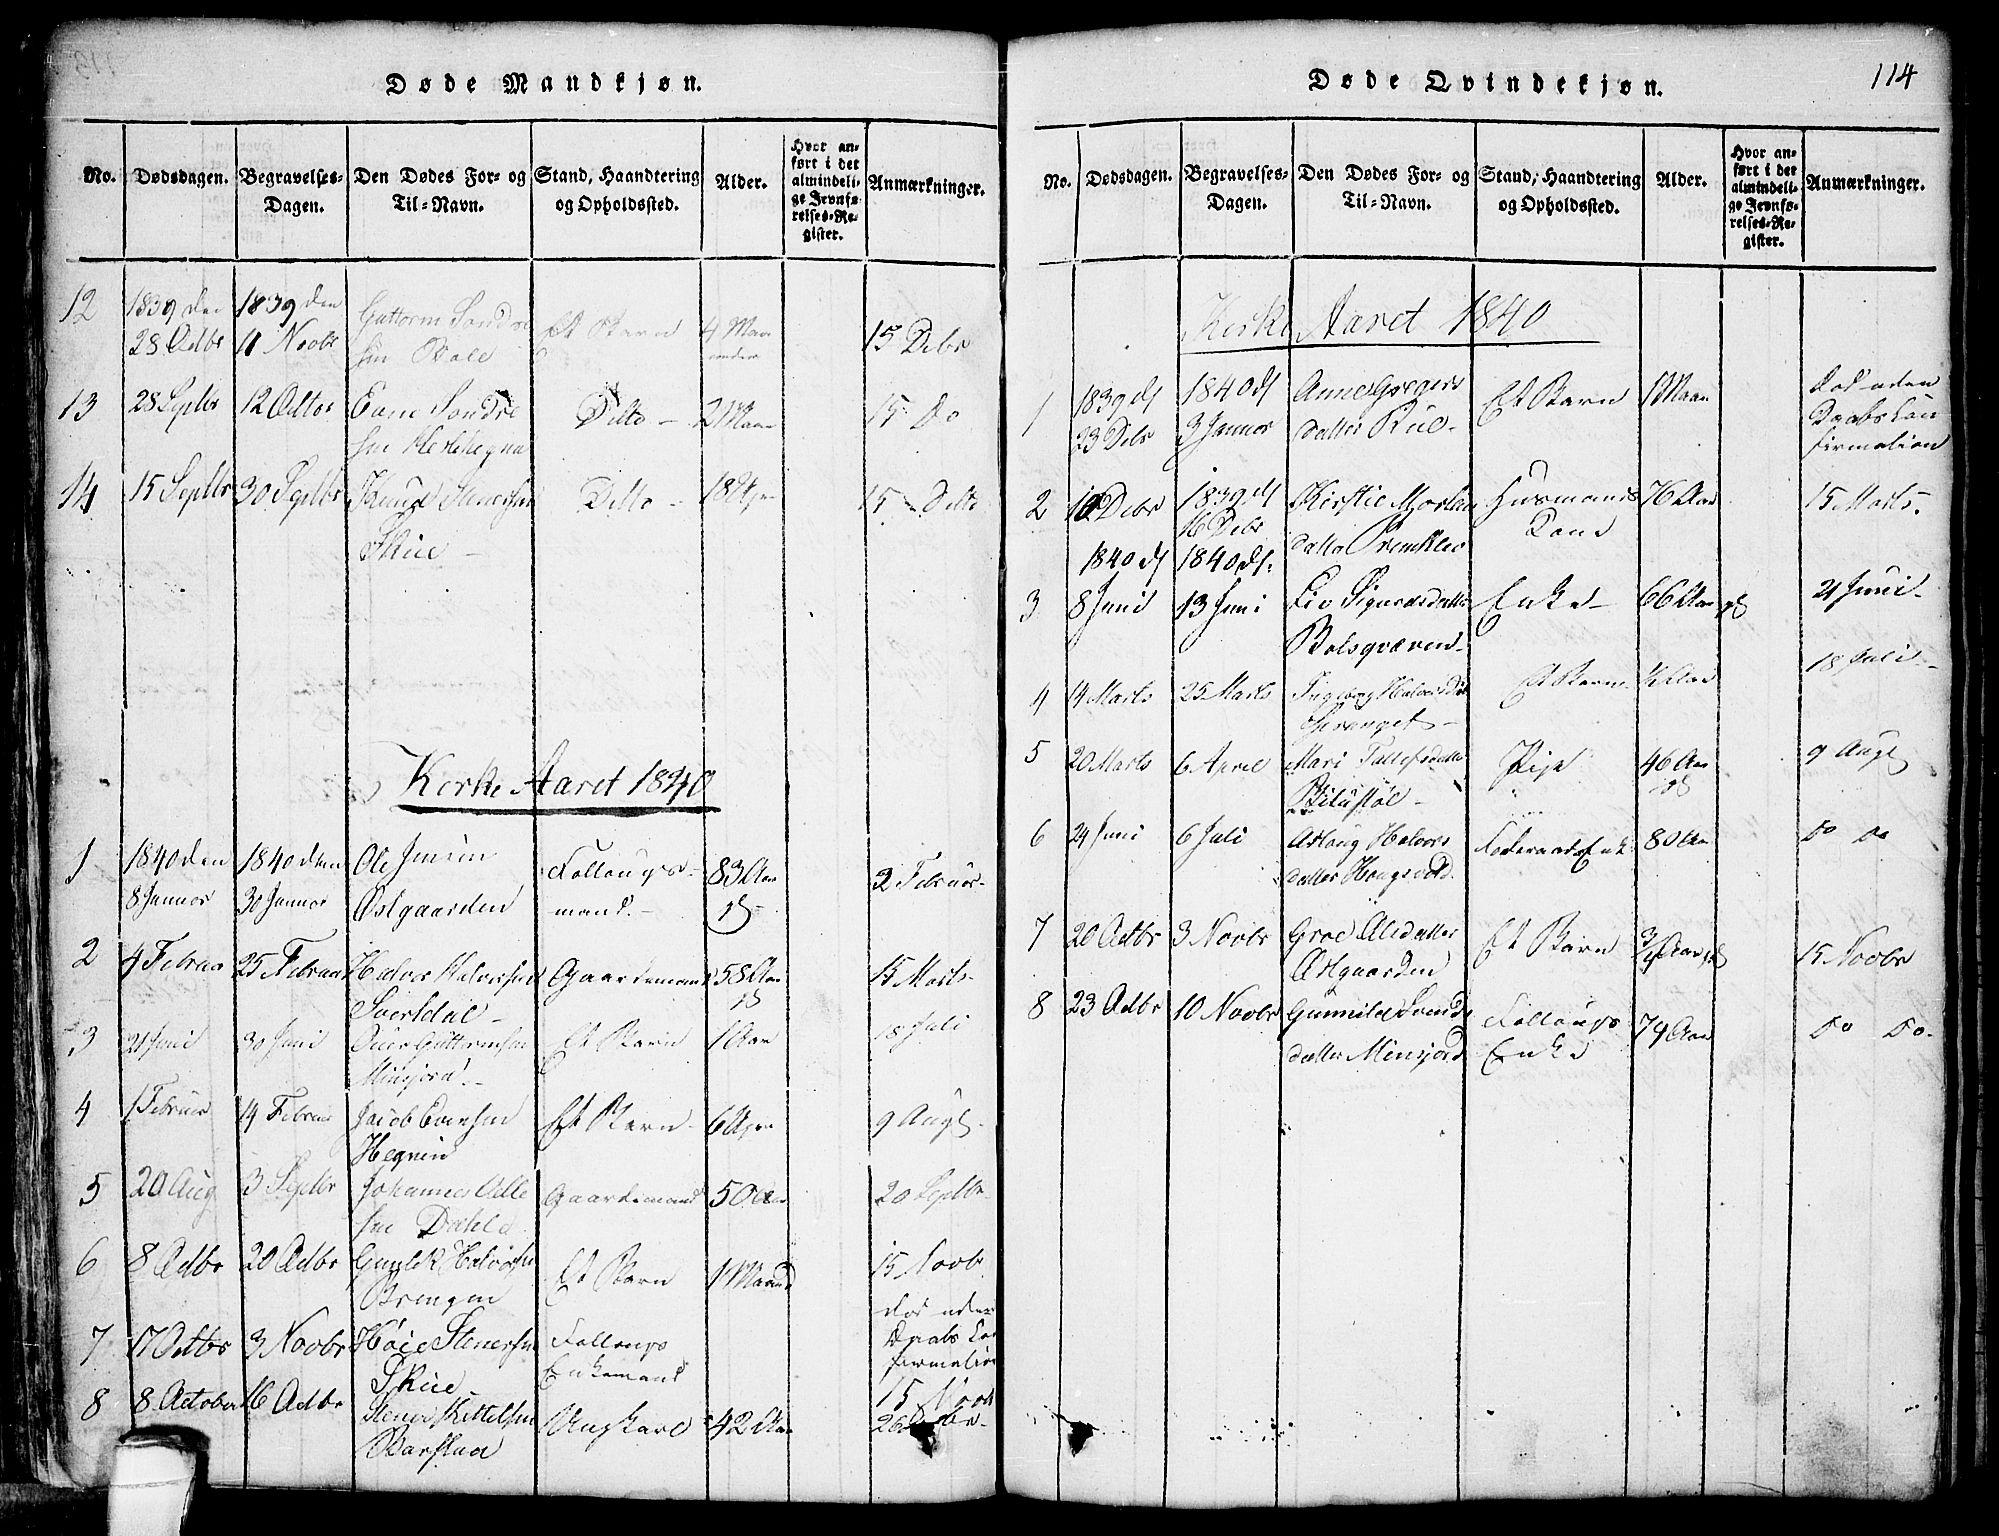 SAKO, Seljord kirkebøker, G/Gb/L0002: Klokkerbok nr. II 2, 1815-1854, s. 114